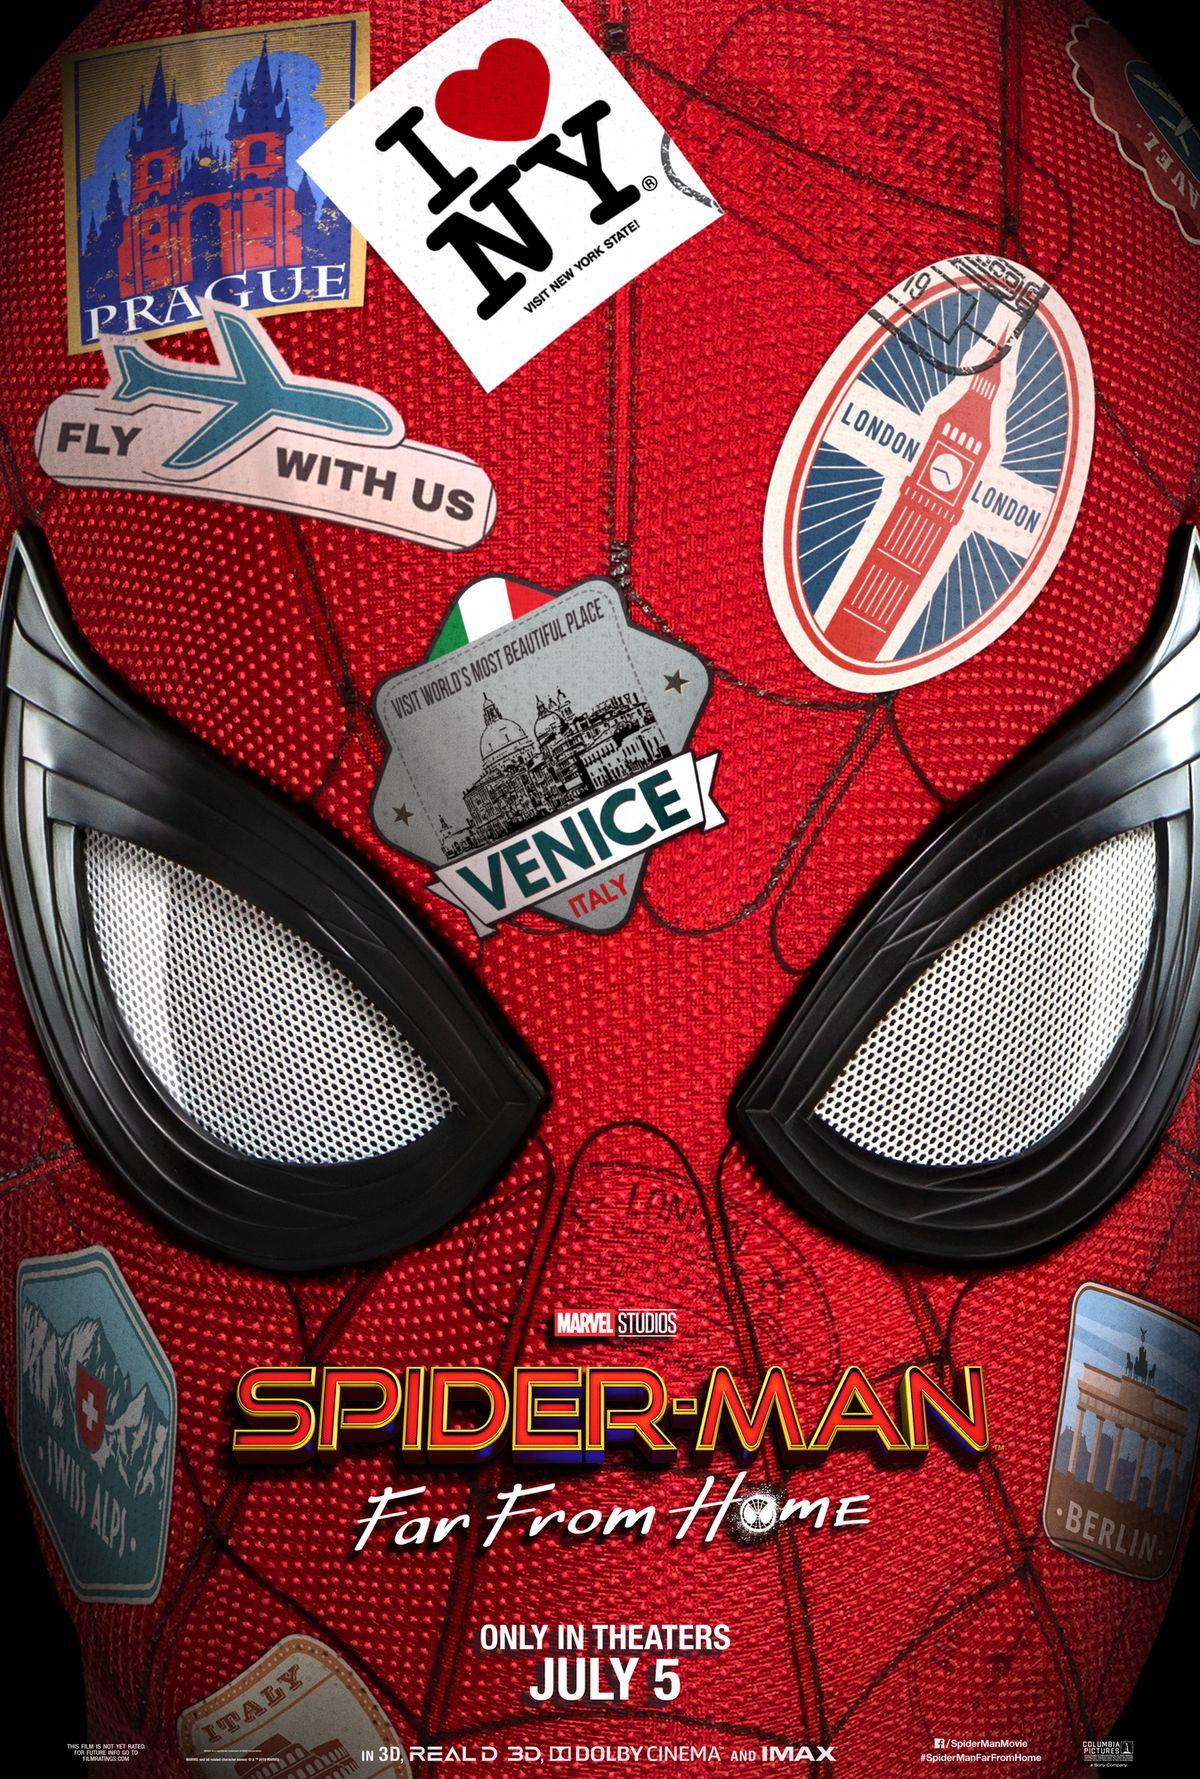 第一个蜘蛛侠:远离家庭的预告片让Jake Gyllenhaal的Mysterio成为一个宏伟的入口